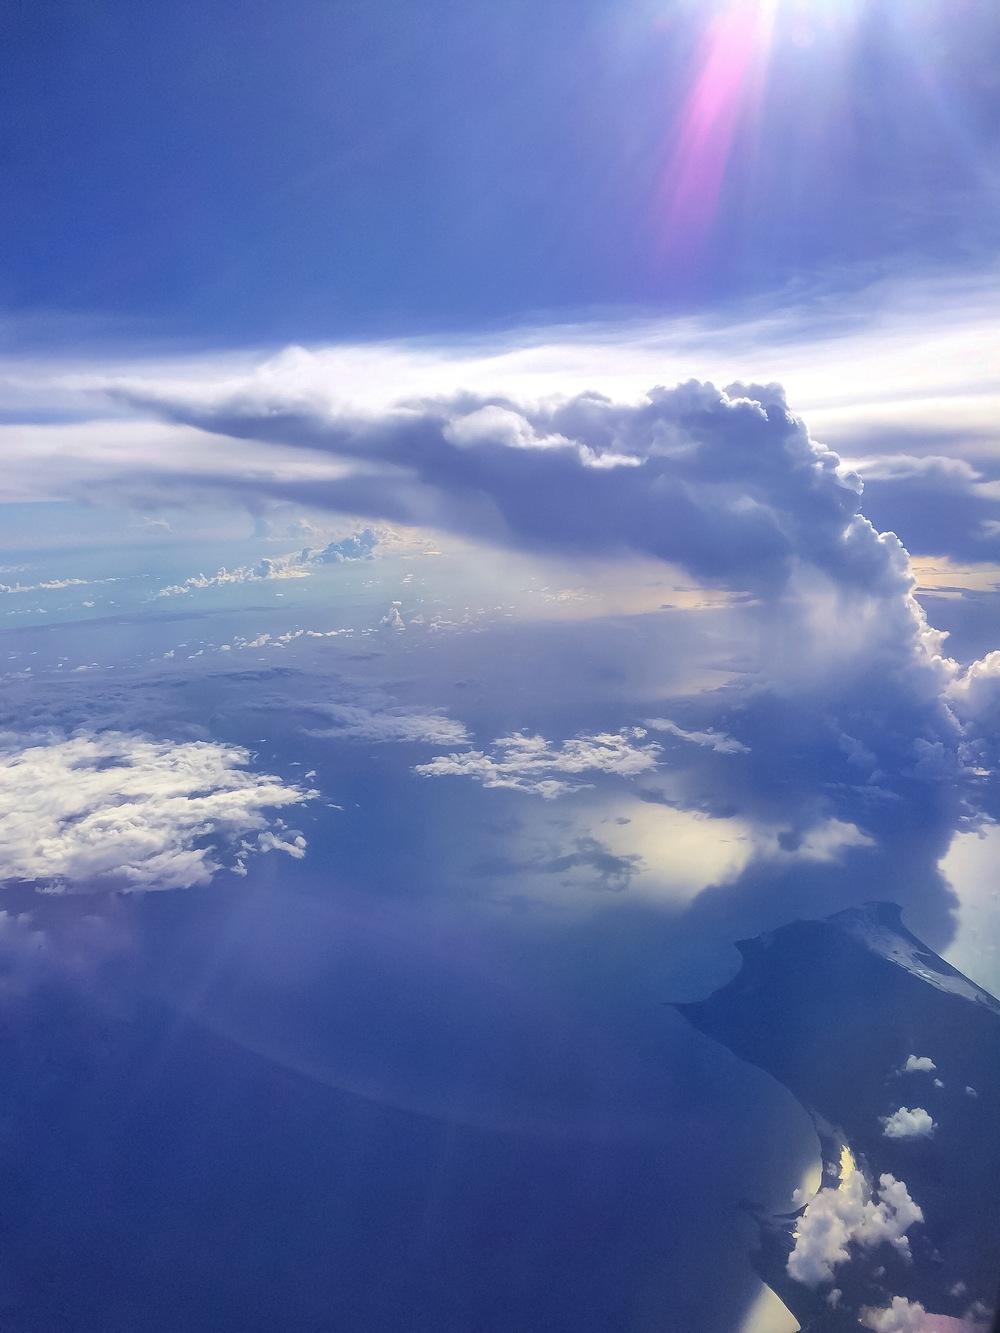 puerto-rico-clouds-1.jpg